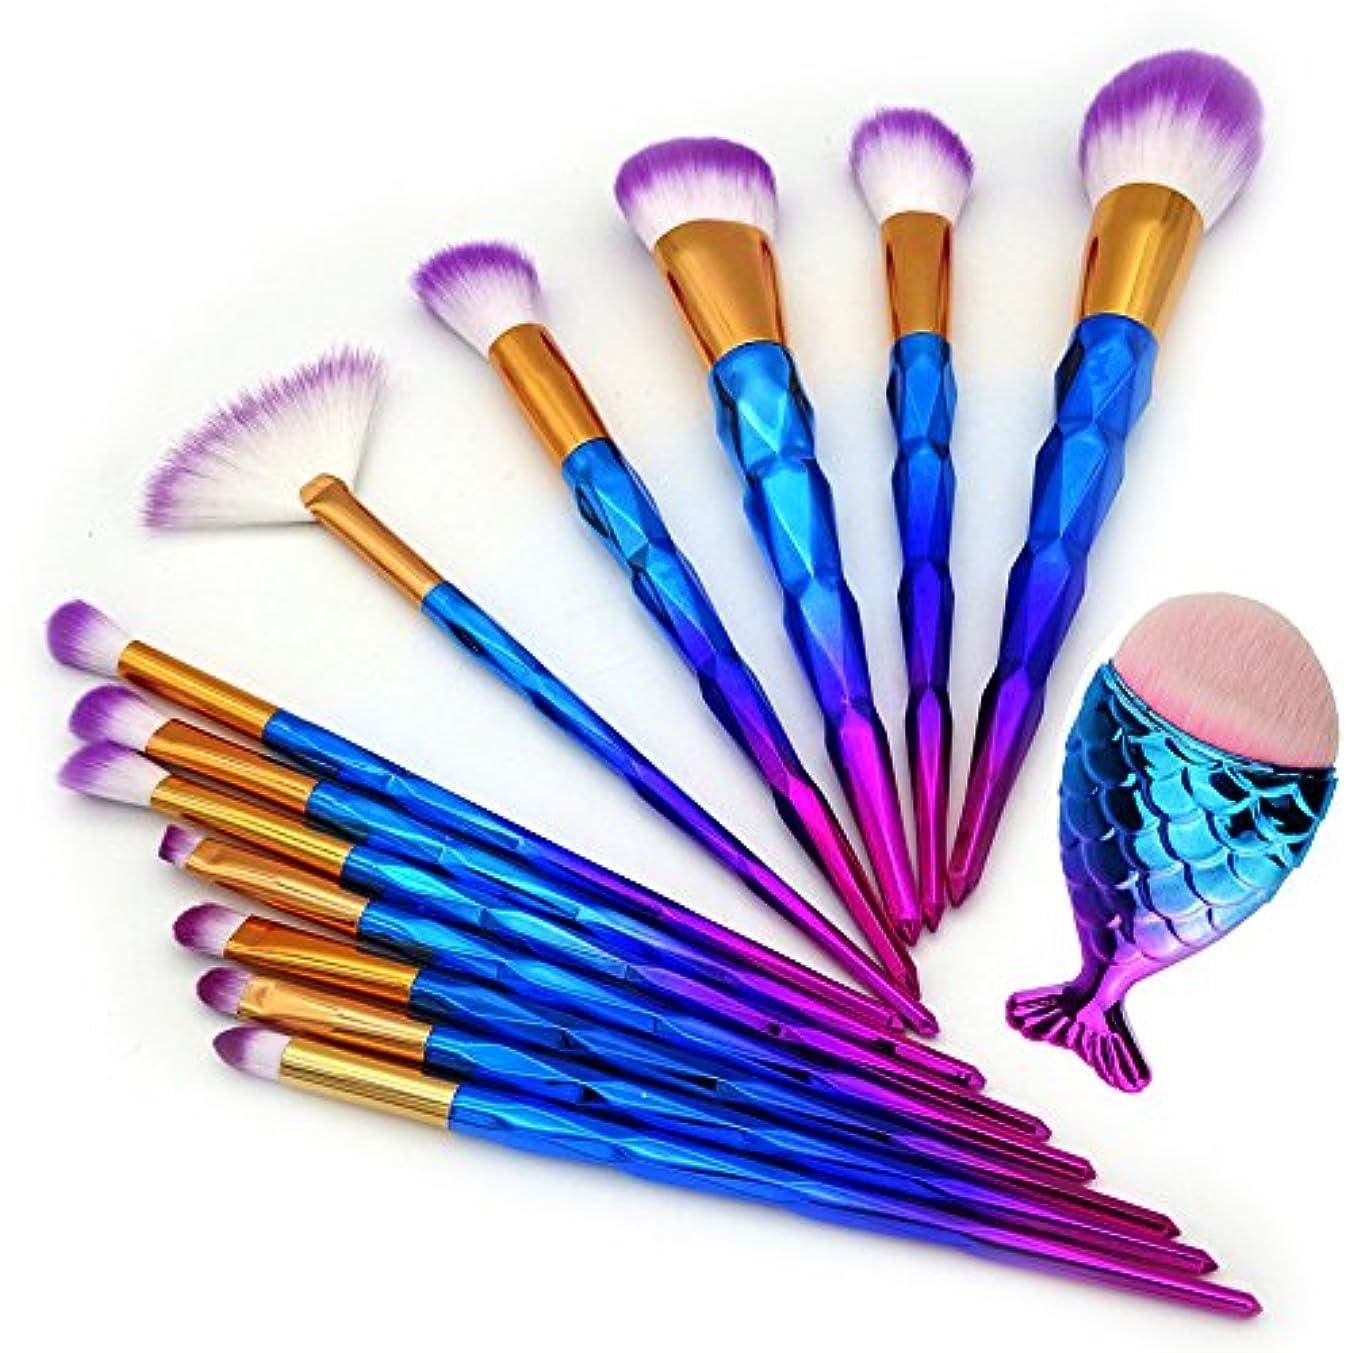 覚醒薄い頂点13Pcs Unicorn Diamond Makeup Brush Set Mermaid Foundation Powder Cosmetics Rainbow Eyeshadow Face Kabuki Make...